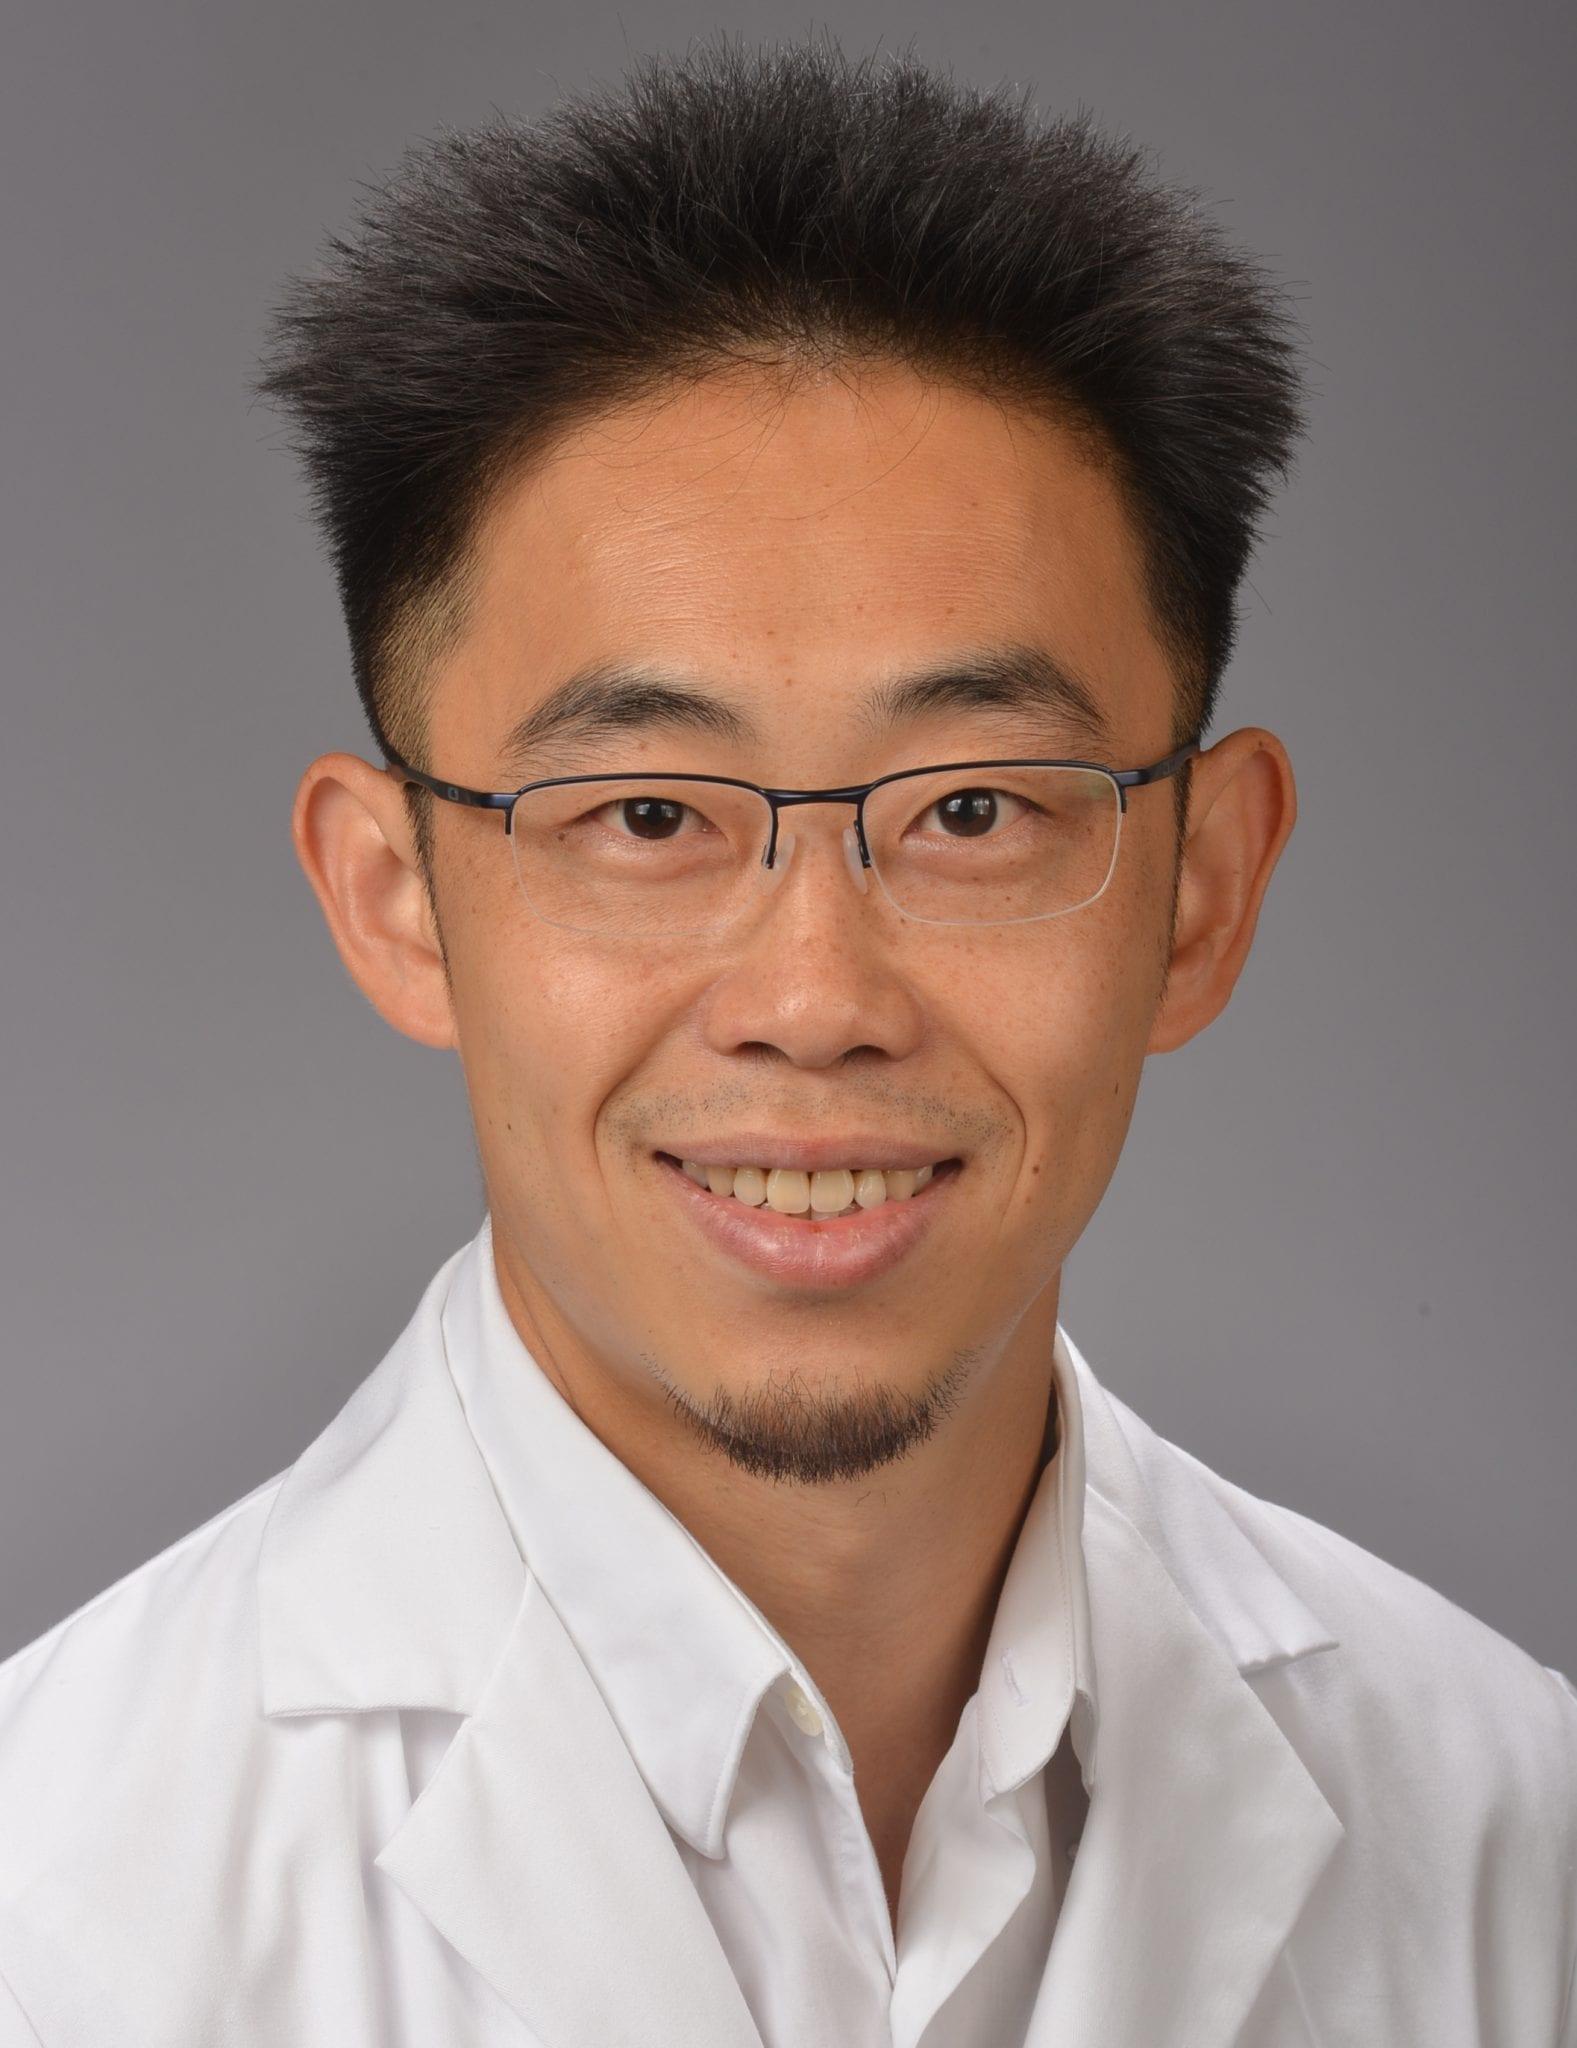 Benny Y. Chong, MD, FACS, FASCRS